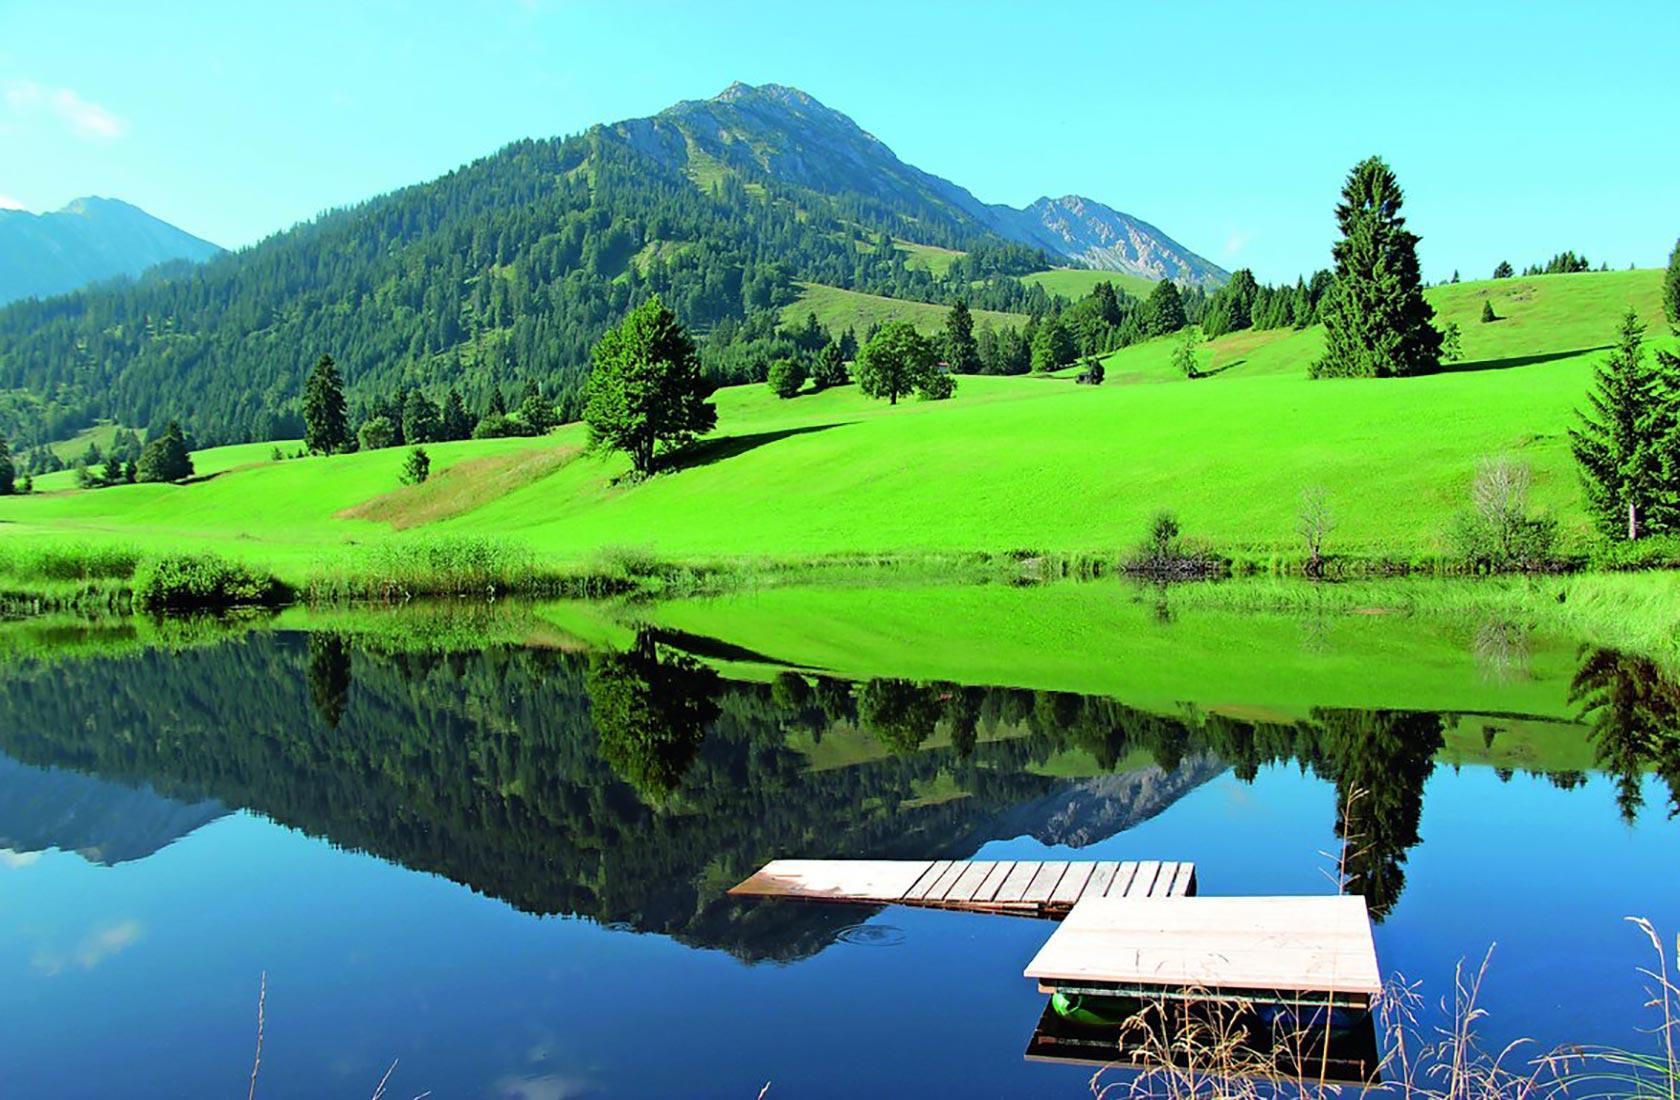 Urlaub am See mit Wassersport und Bootsverleih am Haldensee in Tirol